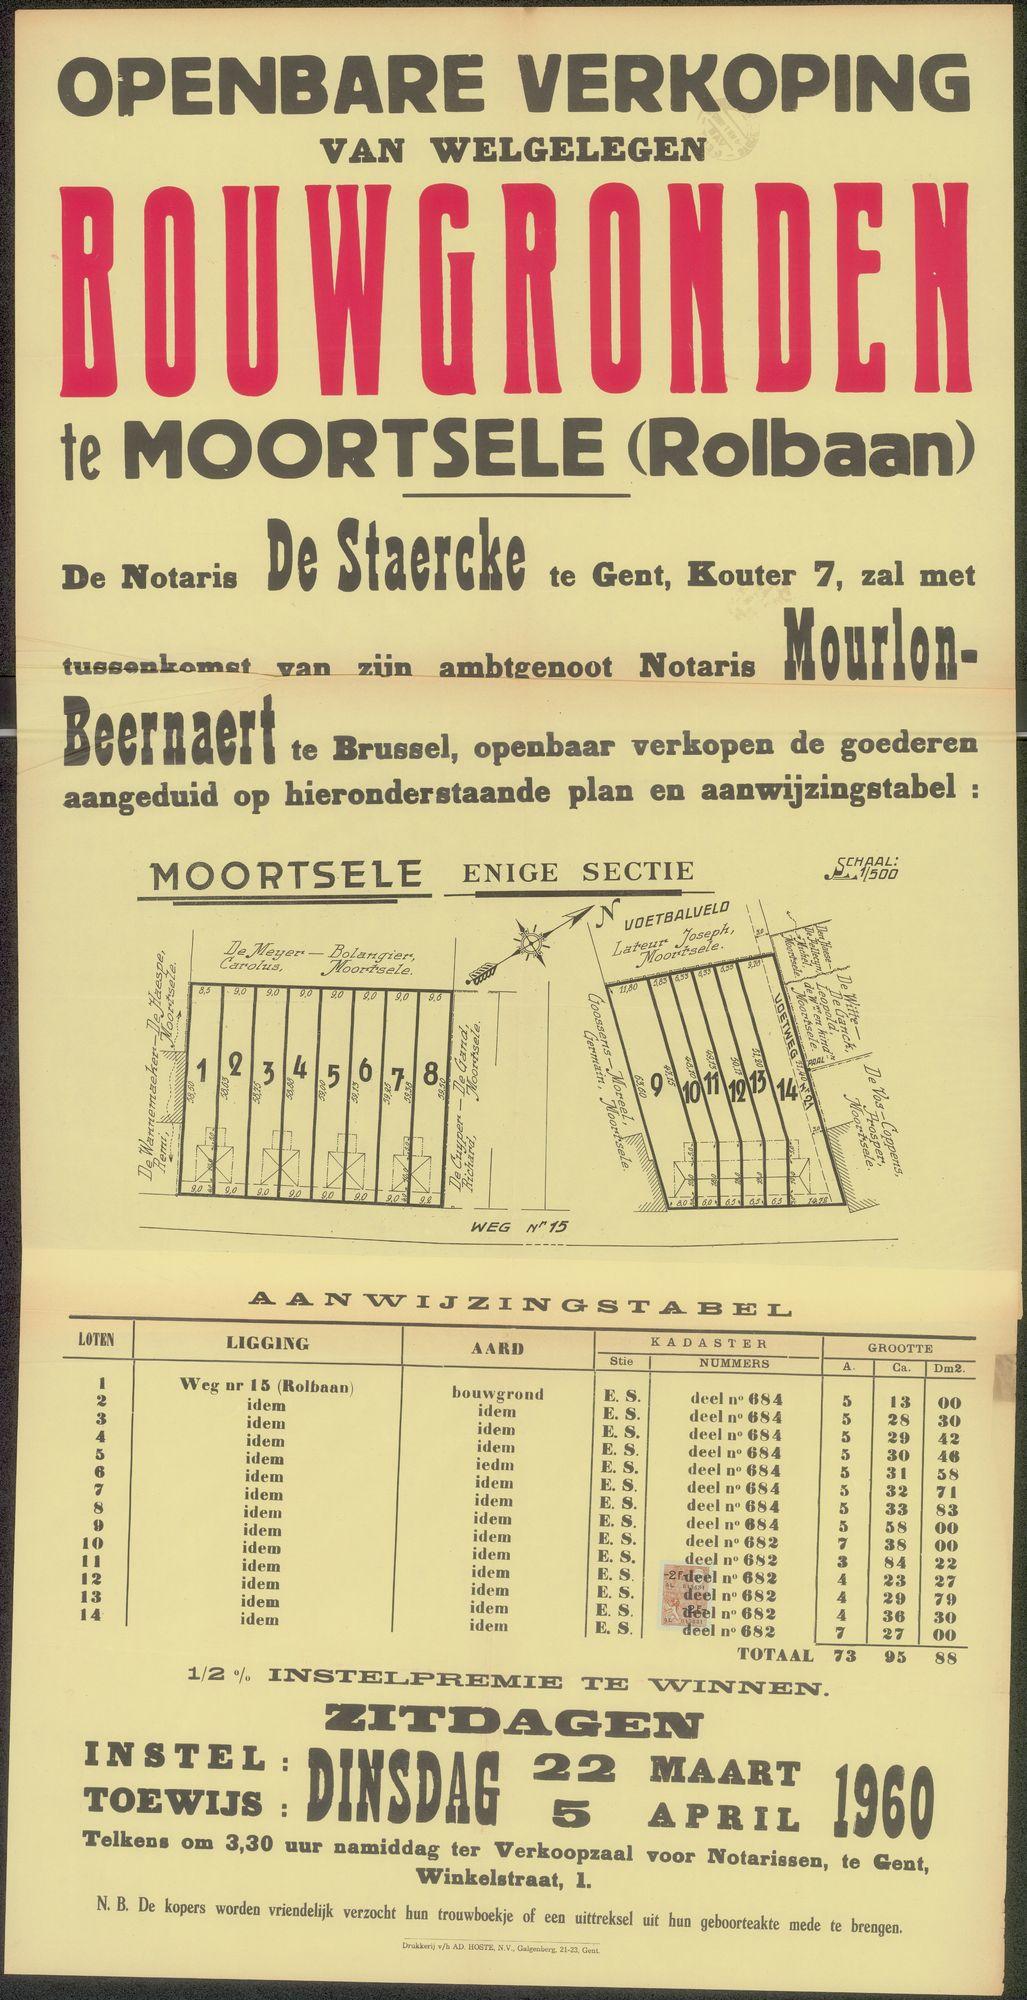 Openbare verkoop van welgelegen bouwgronden te Moortsele (Rolbaan), Gent, 6 april 1960